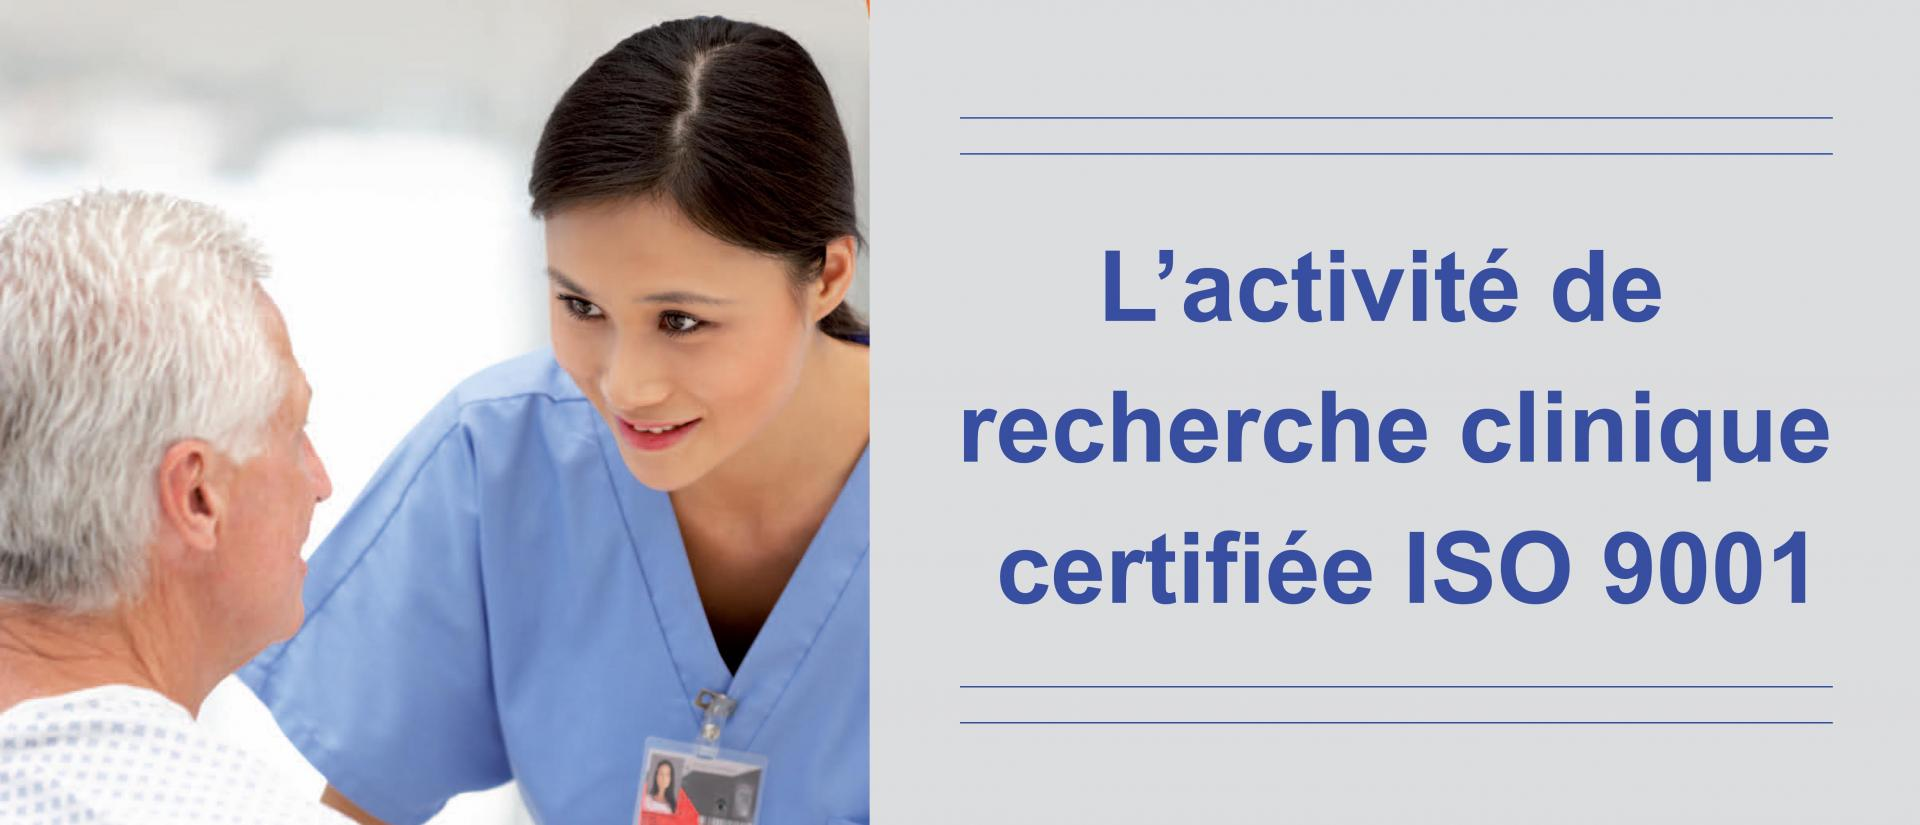 L'activité de recherche clinique certifiée ISO 9001